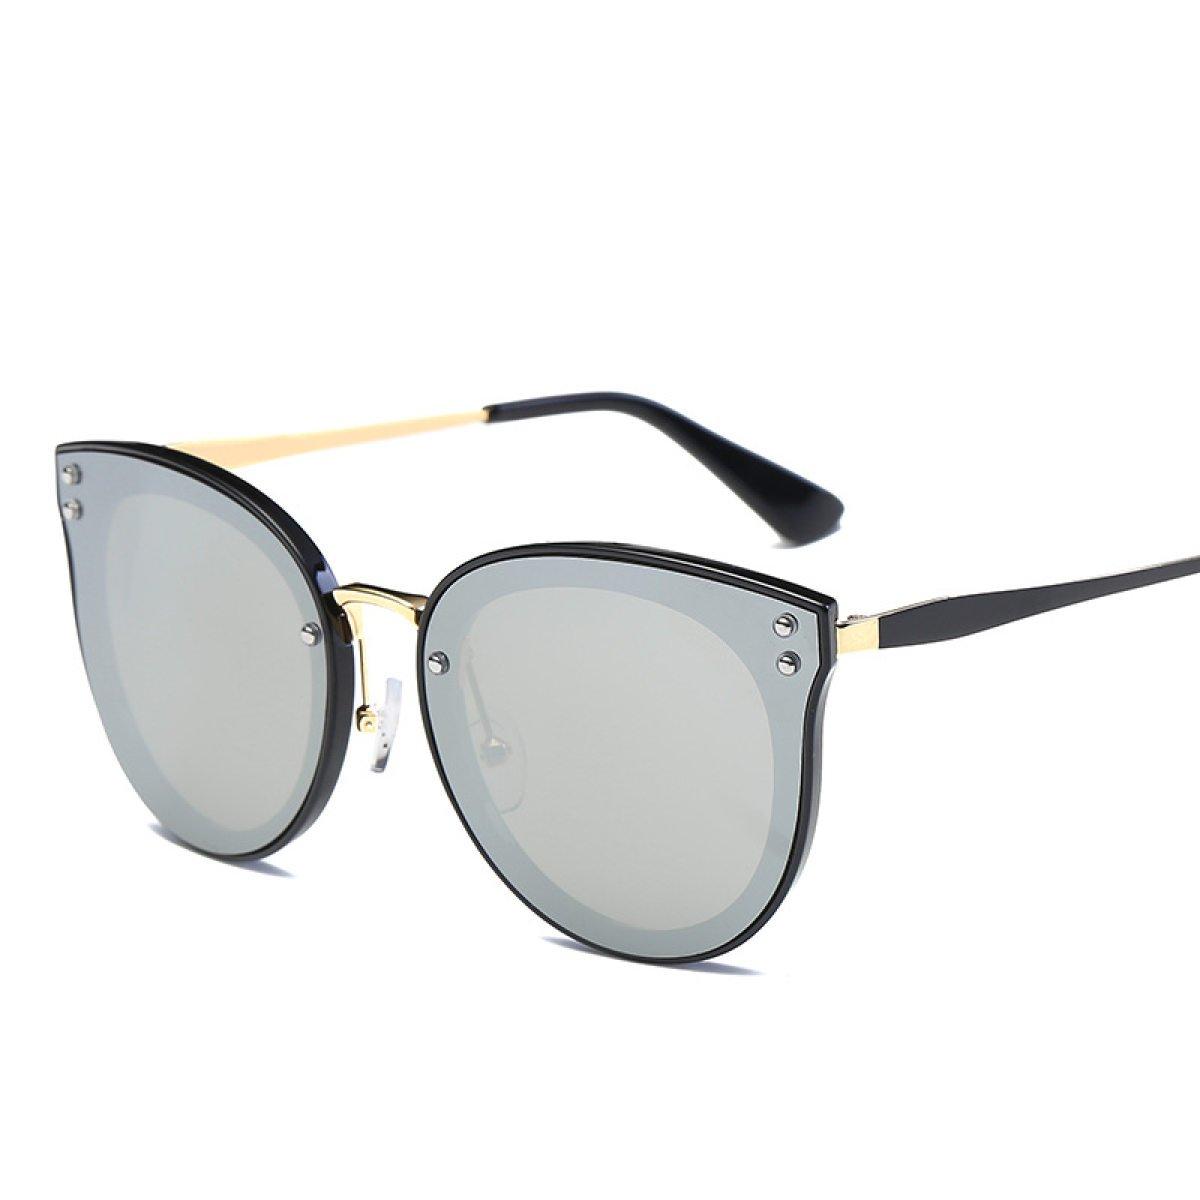 WKAIJC Mode Mode Persönlichkeit Kreativität Raffiniert Bequem Retro Männer Und Frauen Sonnenbrillen,B